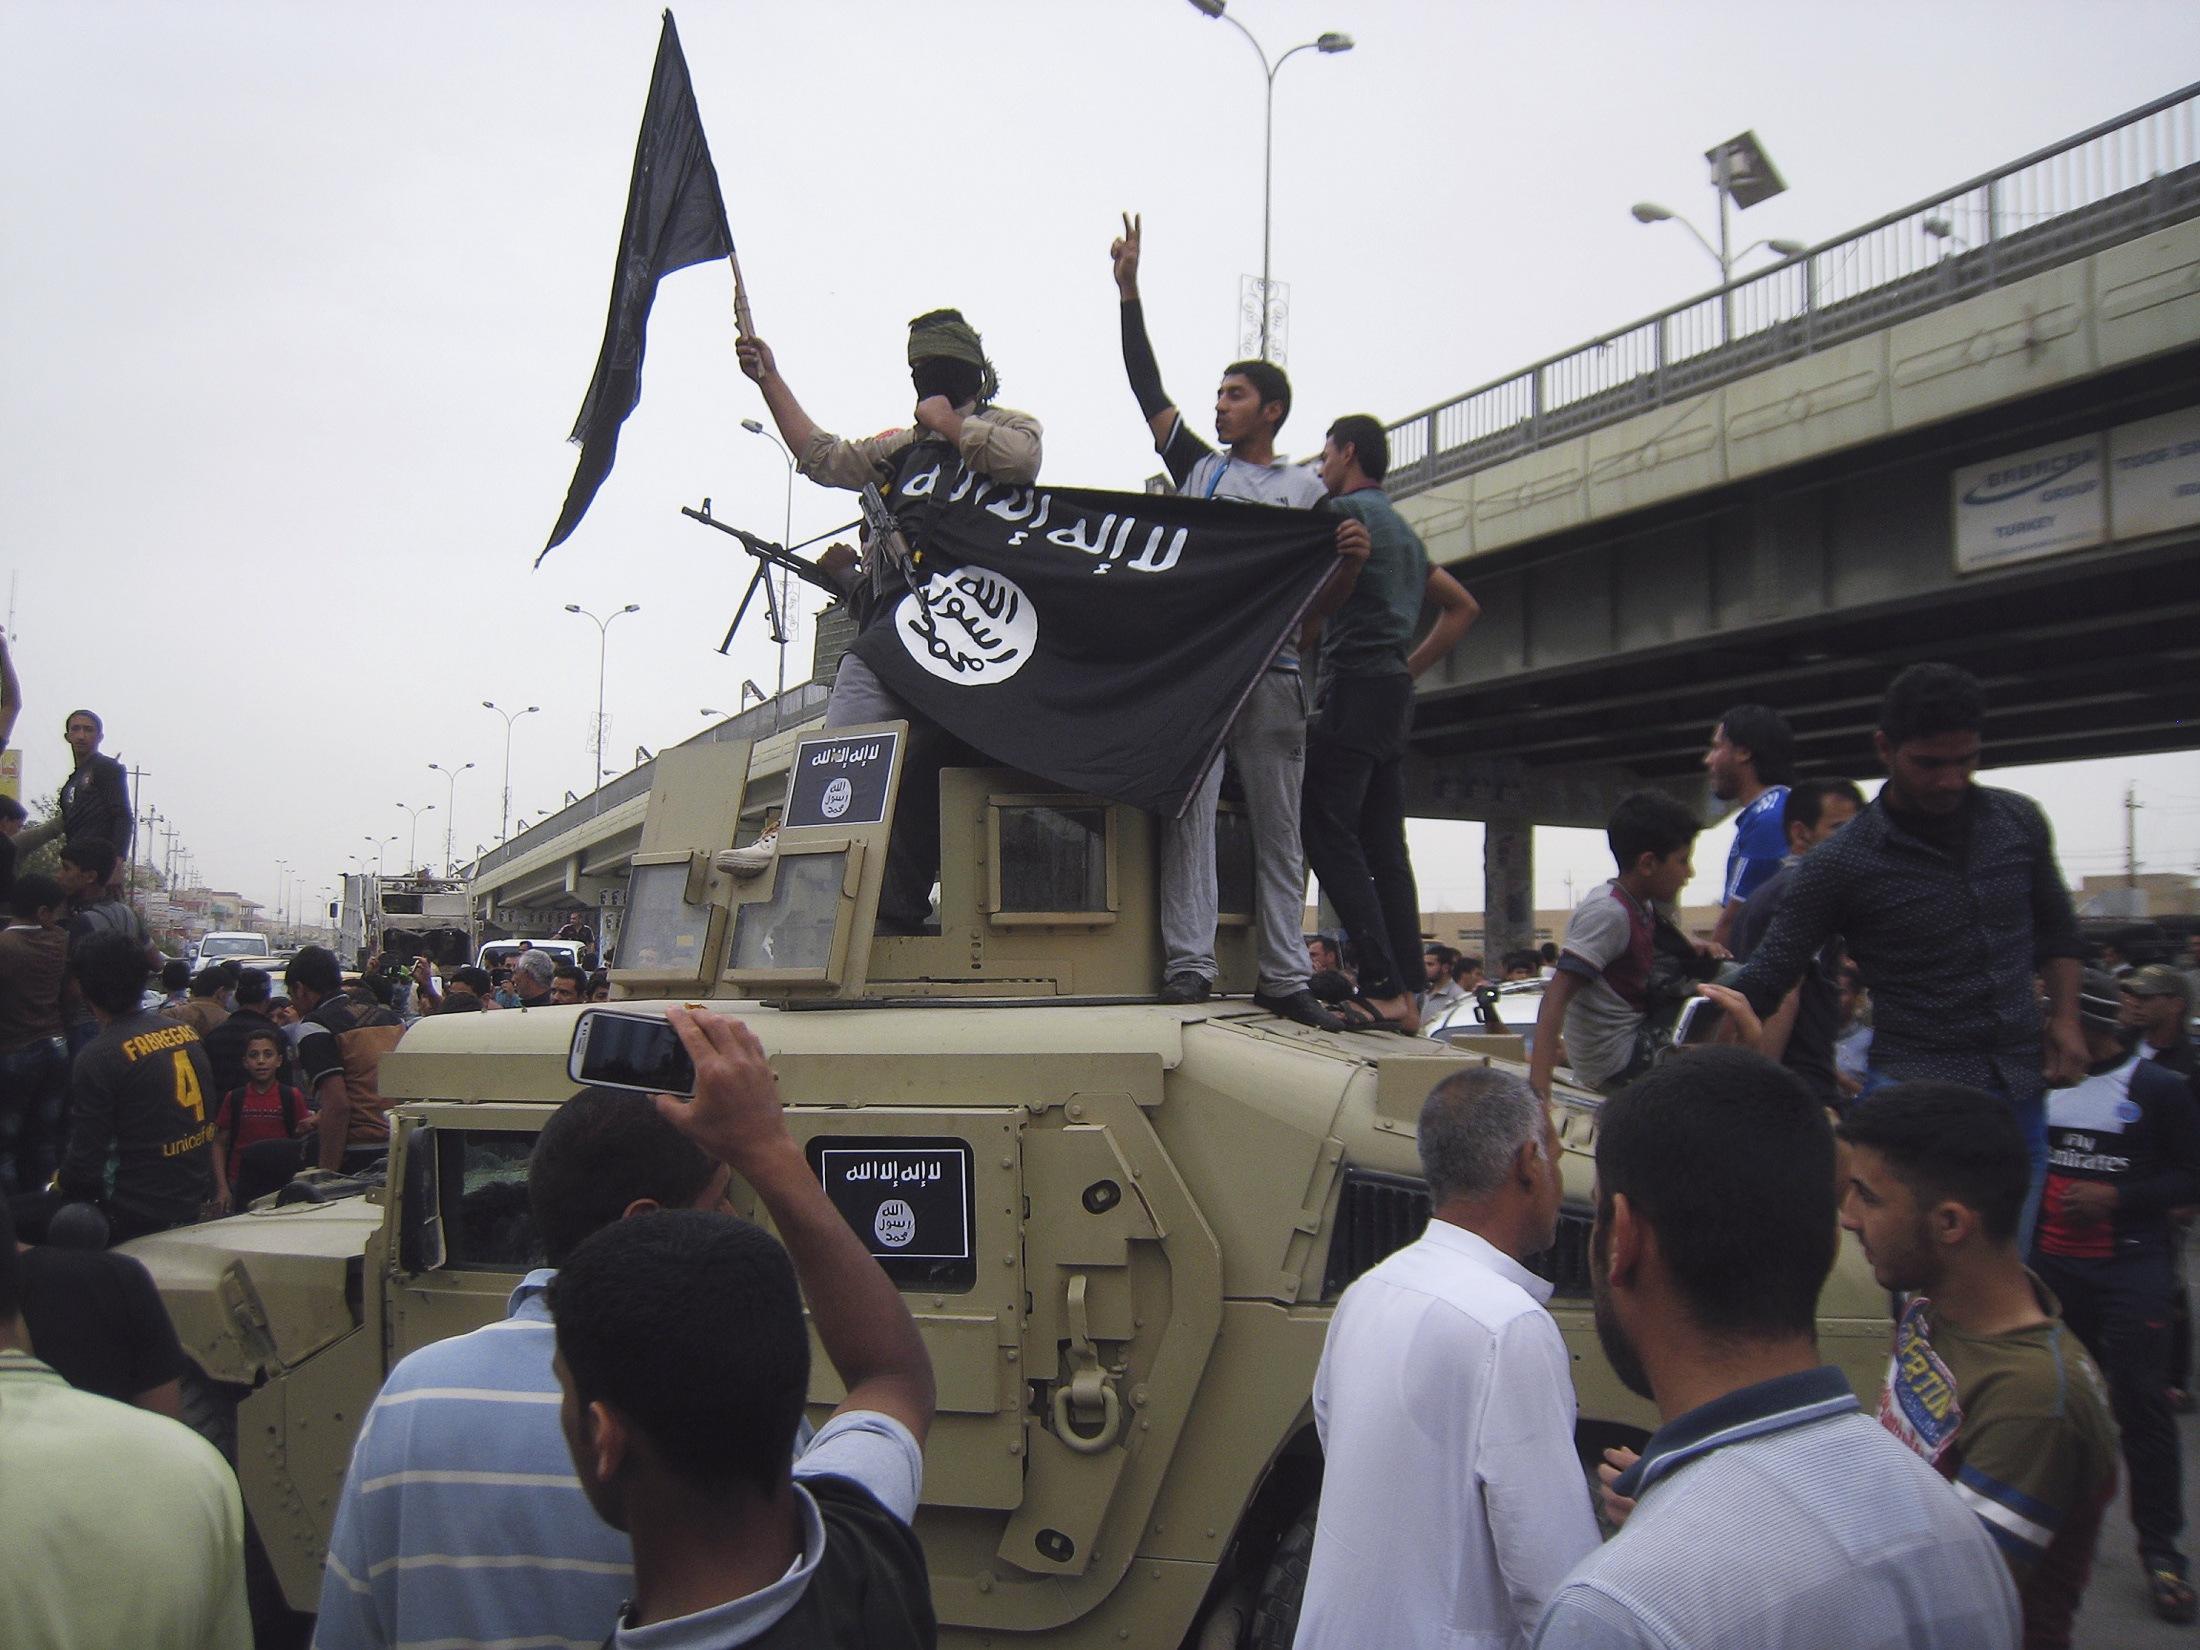 بعد هزيمته في العراق.. داعش يخلف وراءه إستراتيجية